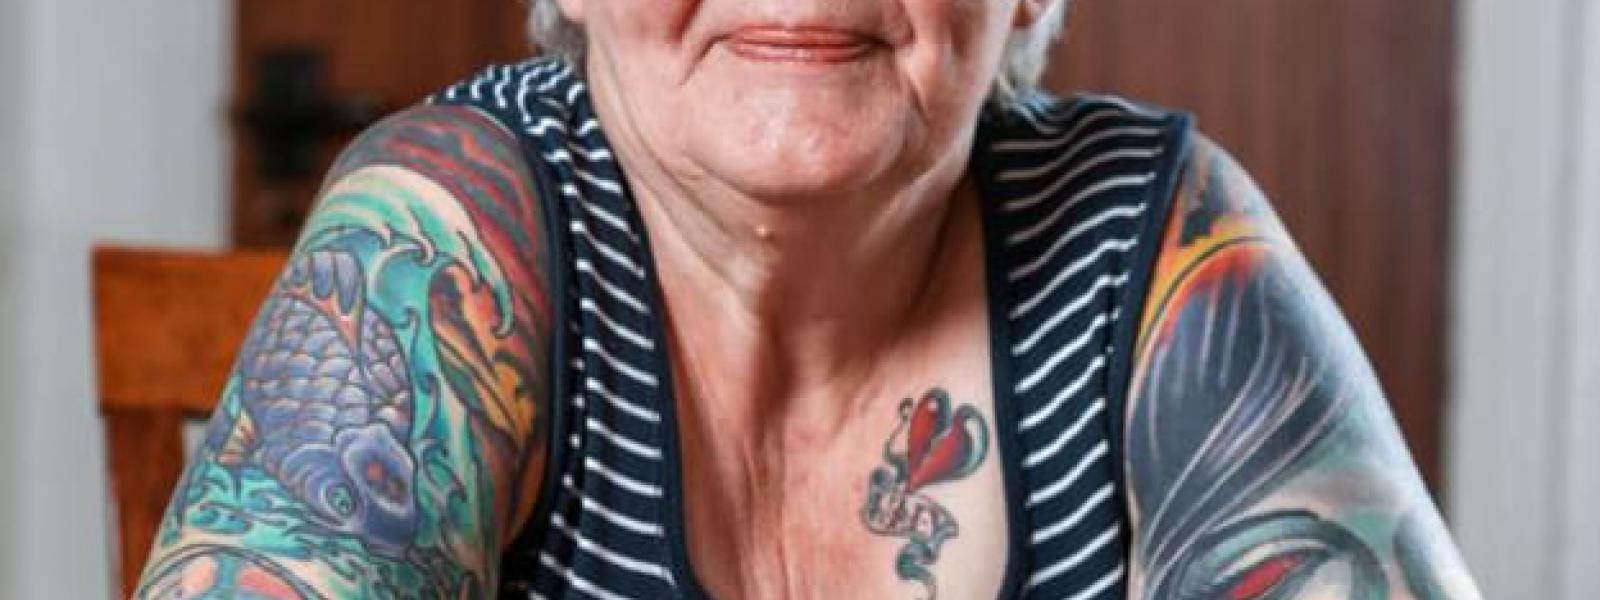 Društvena stigma tetovaža